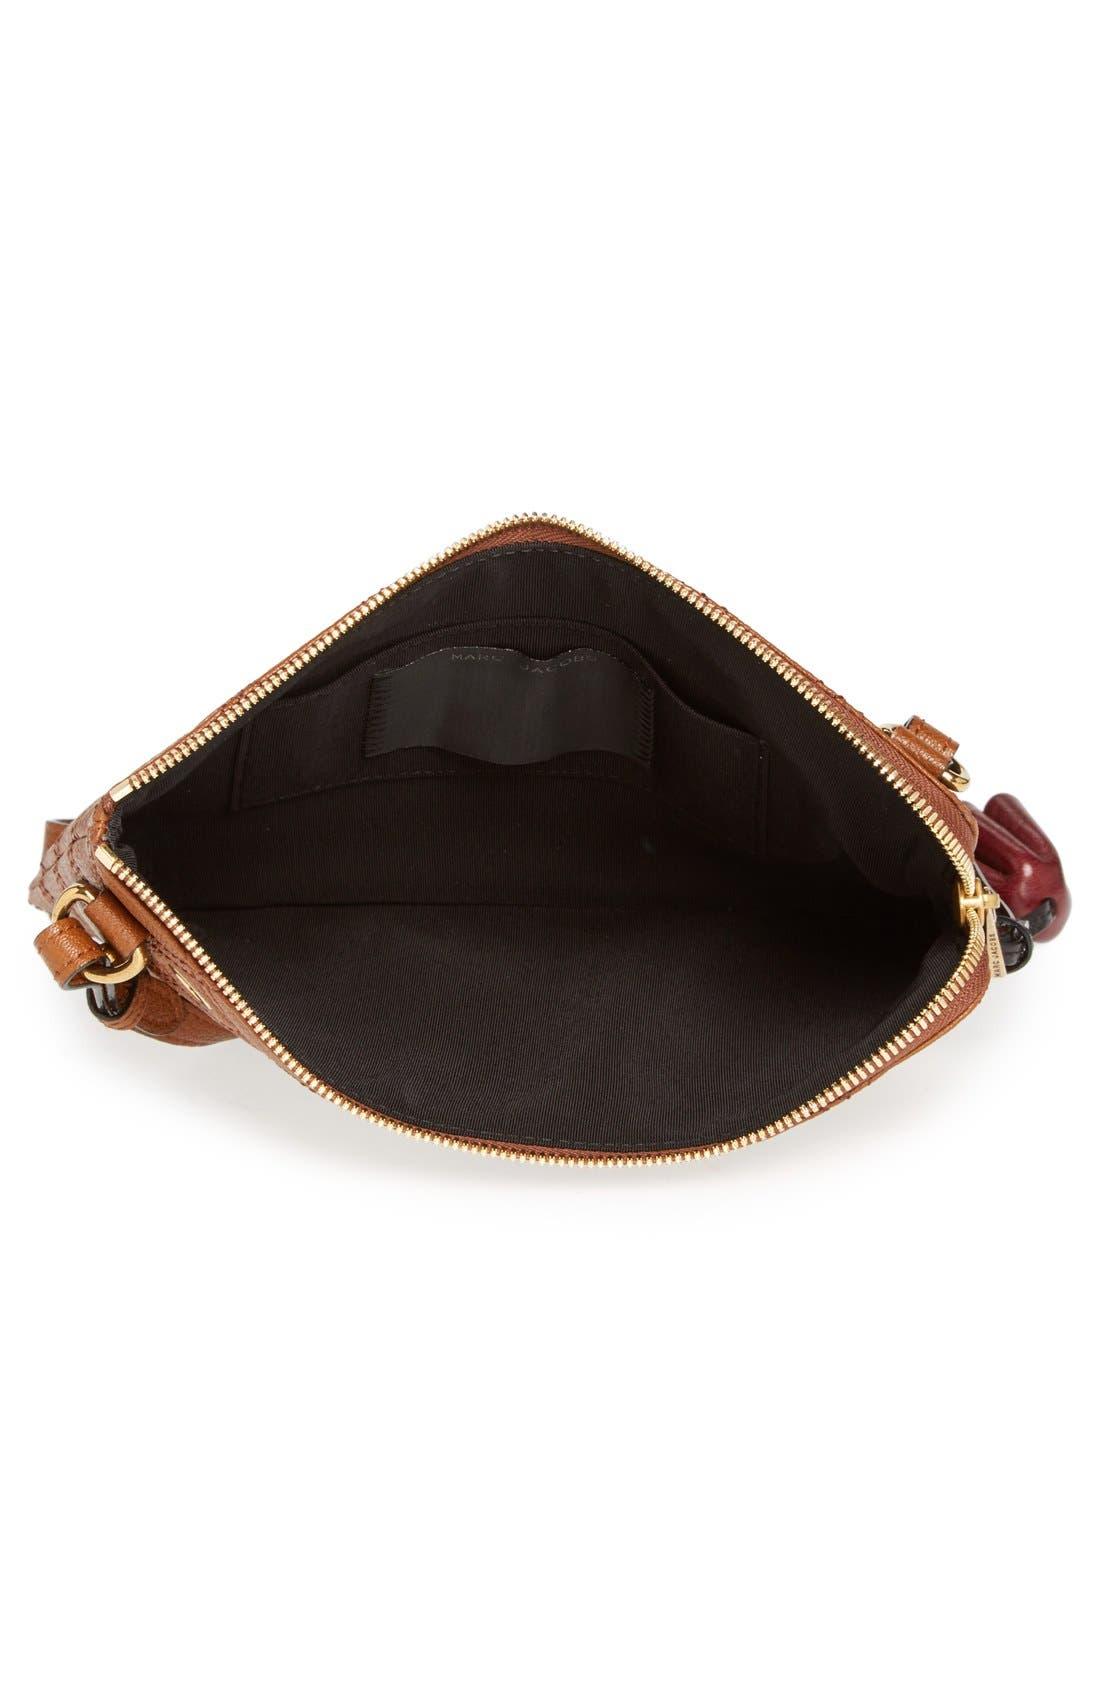 Alternate Image 3  - MARC JACOBS 'Secret' Quilted Eyelet Crossbody Bag